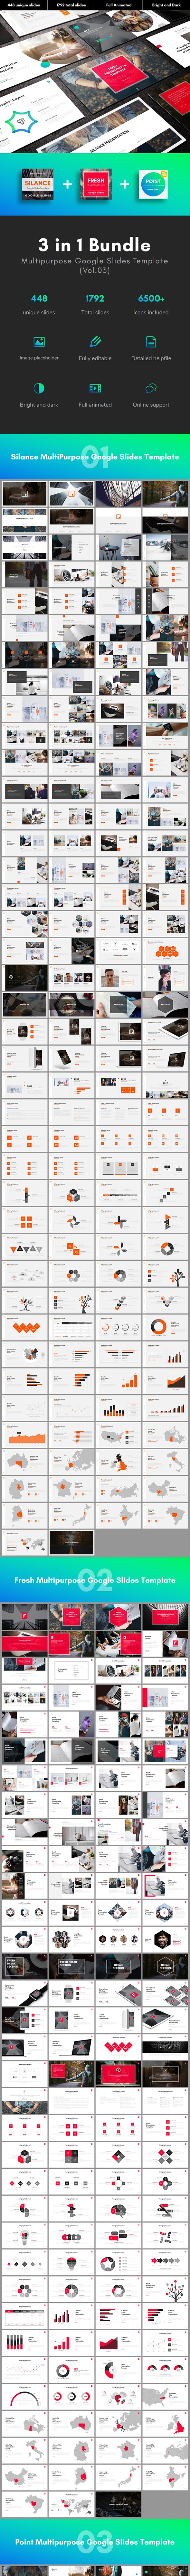 3 in 1 Multipurpose Google Slides Template Bundle (Vol.03) - Google Slides Presentation Templates